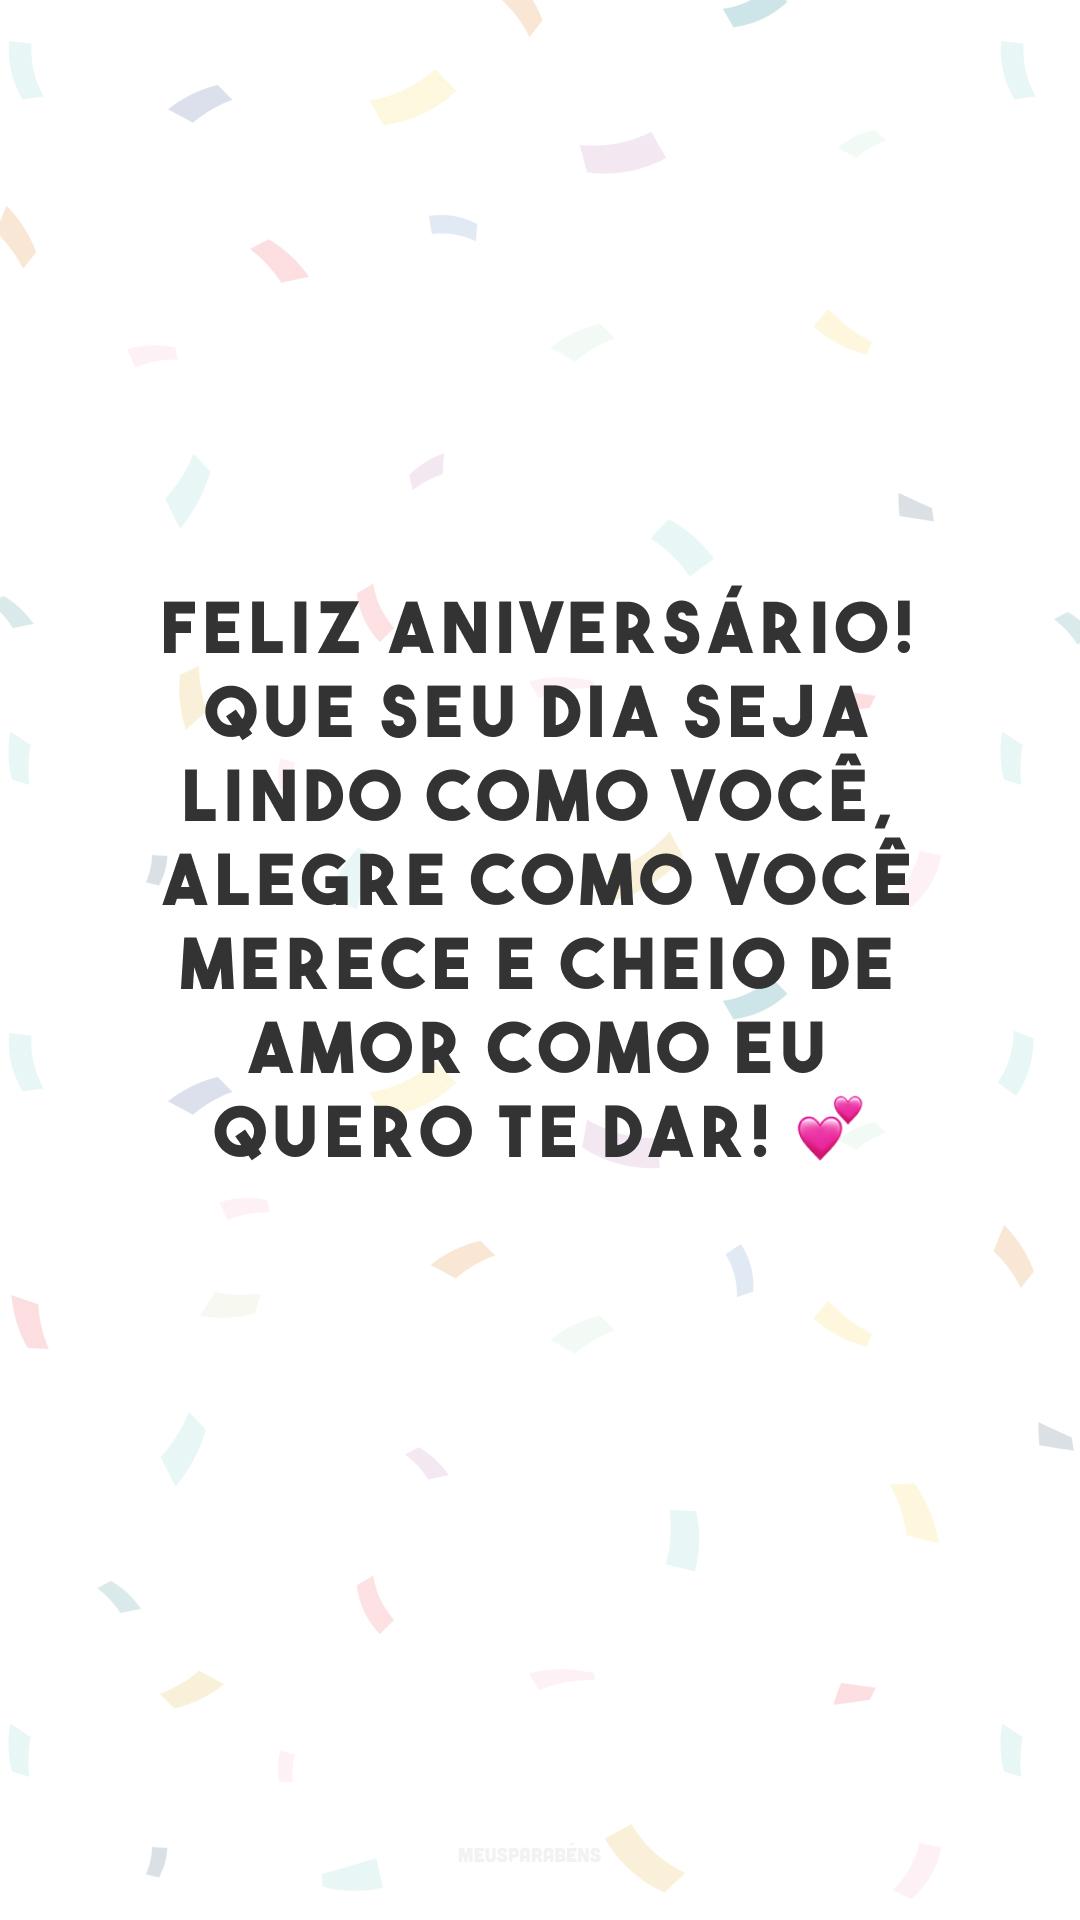 Feliz aniversário! Que seu dia seja lindo como você, alegre como você merece e cheio de amor como eu quero te dar! 💕